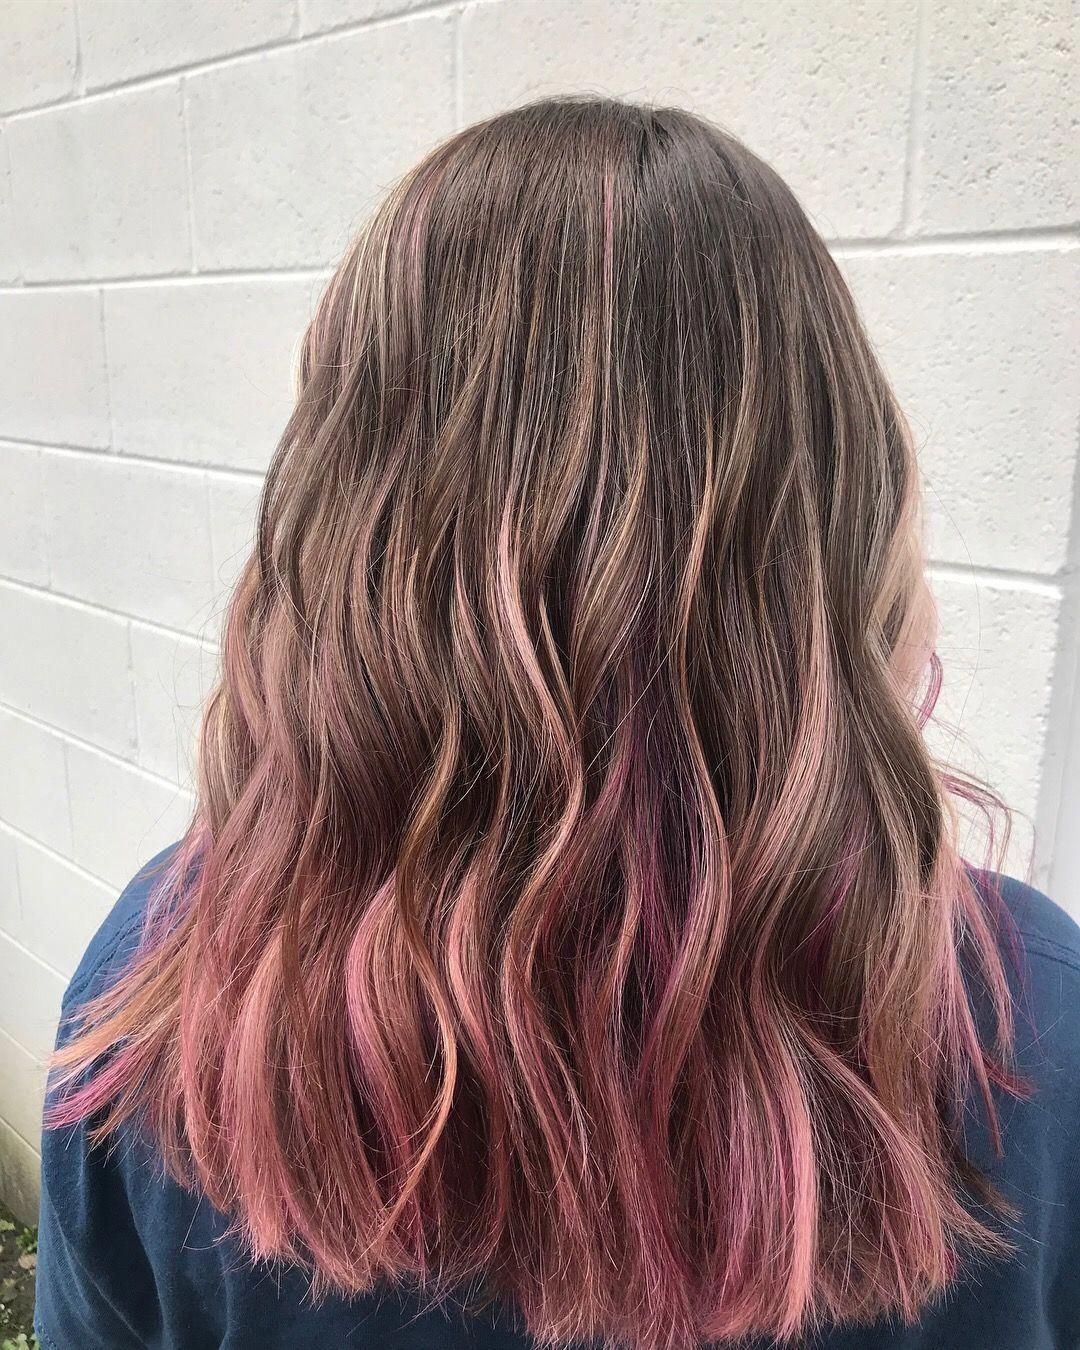 Pink In Brown Hair Pink Hair Dye Pink Hair Tips Hair Dye Tips